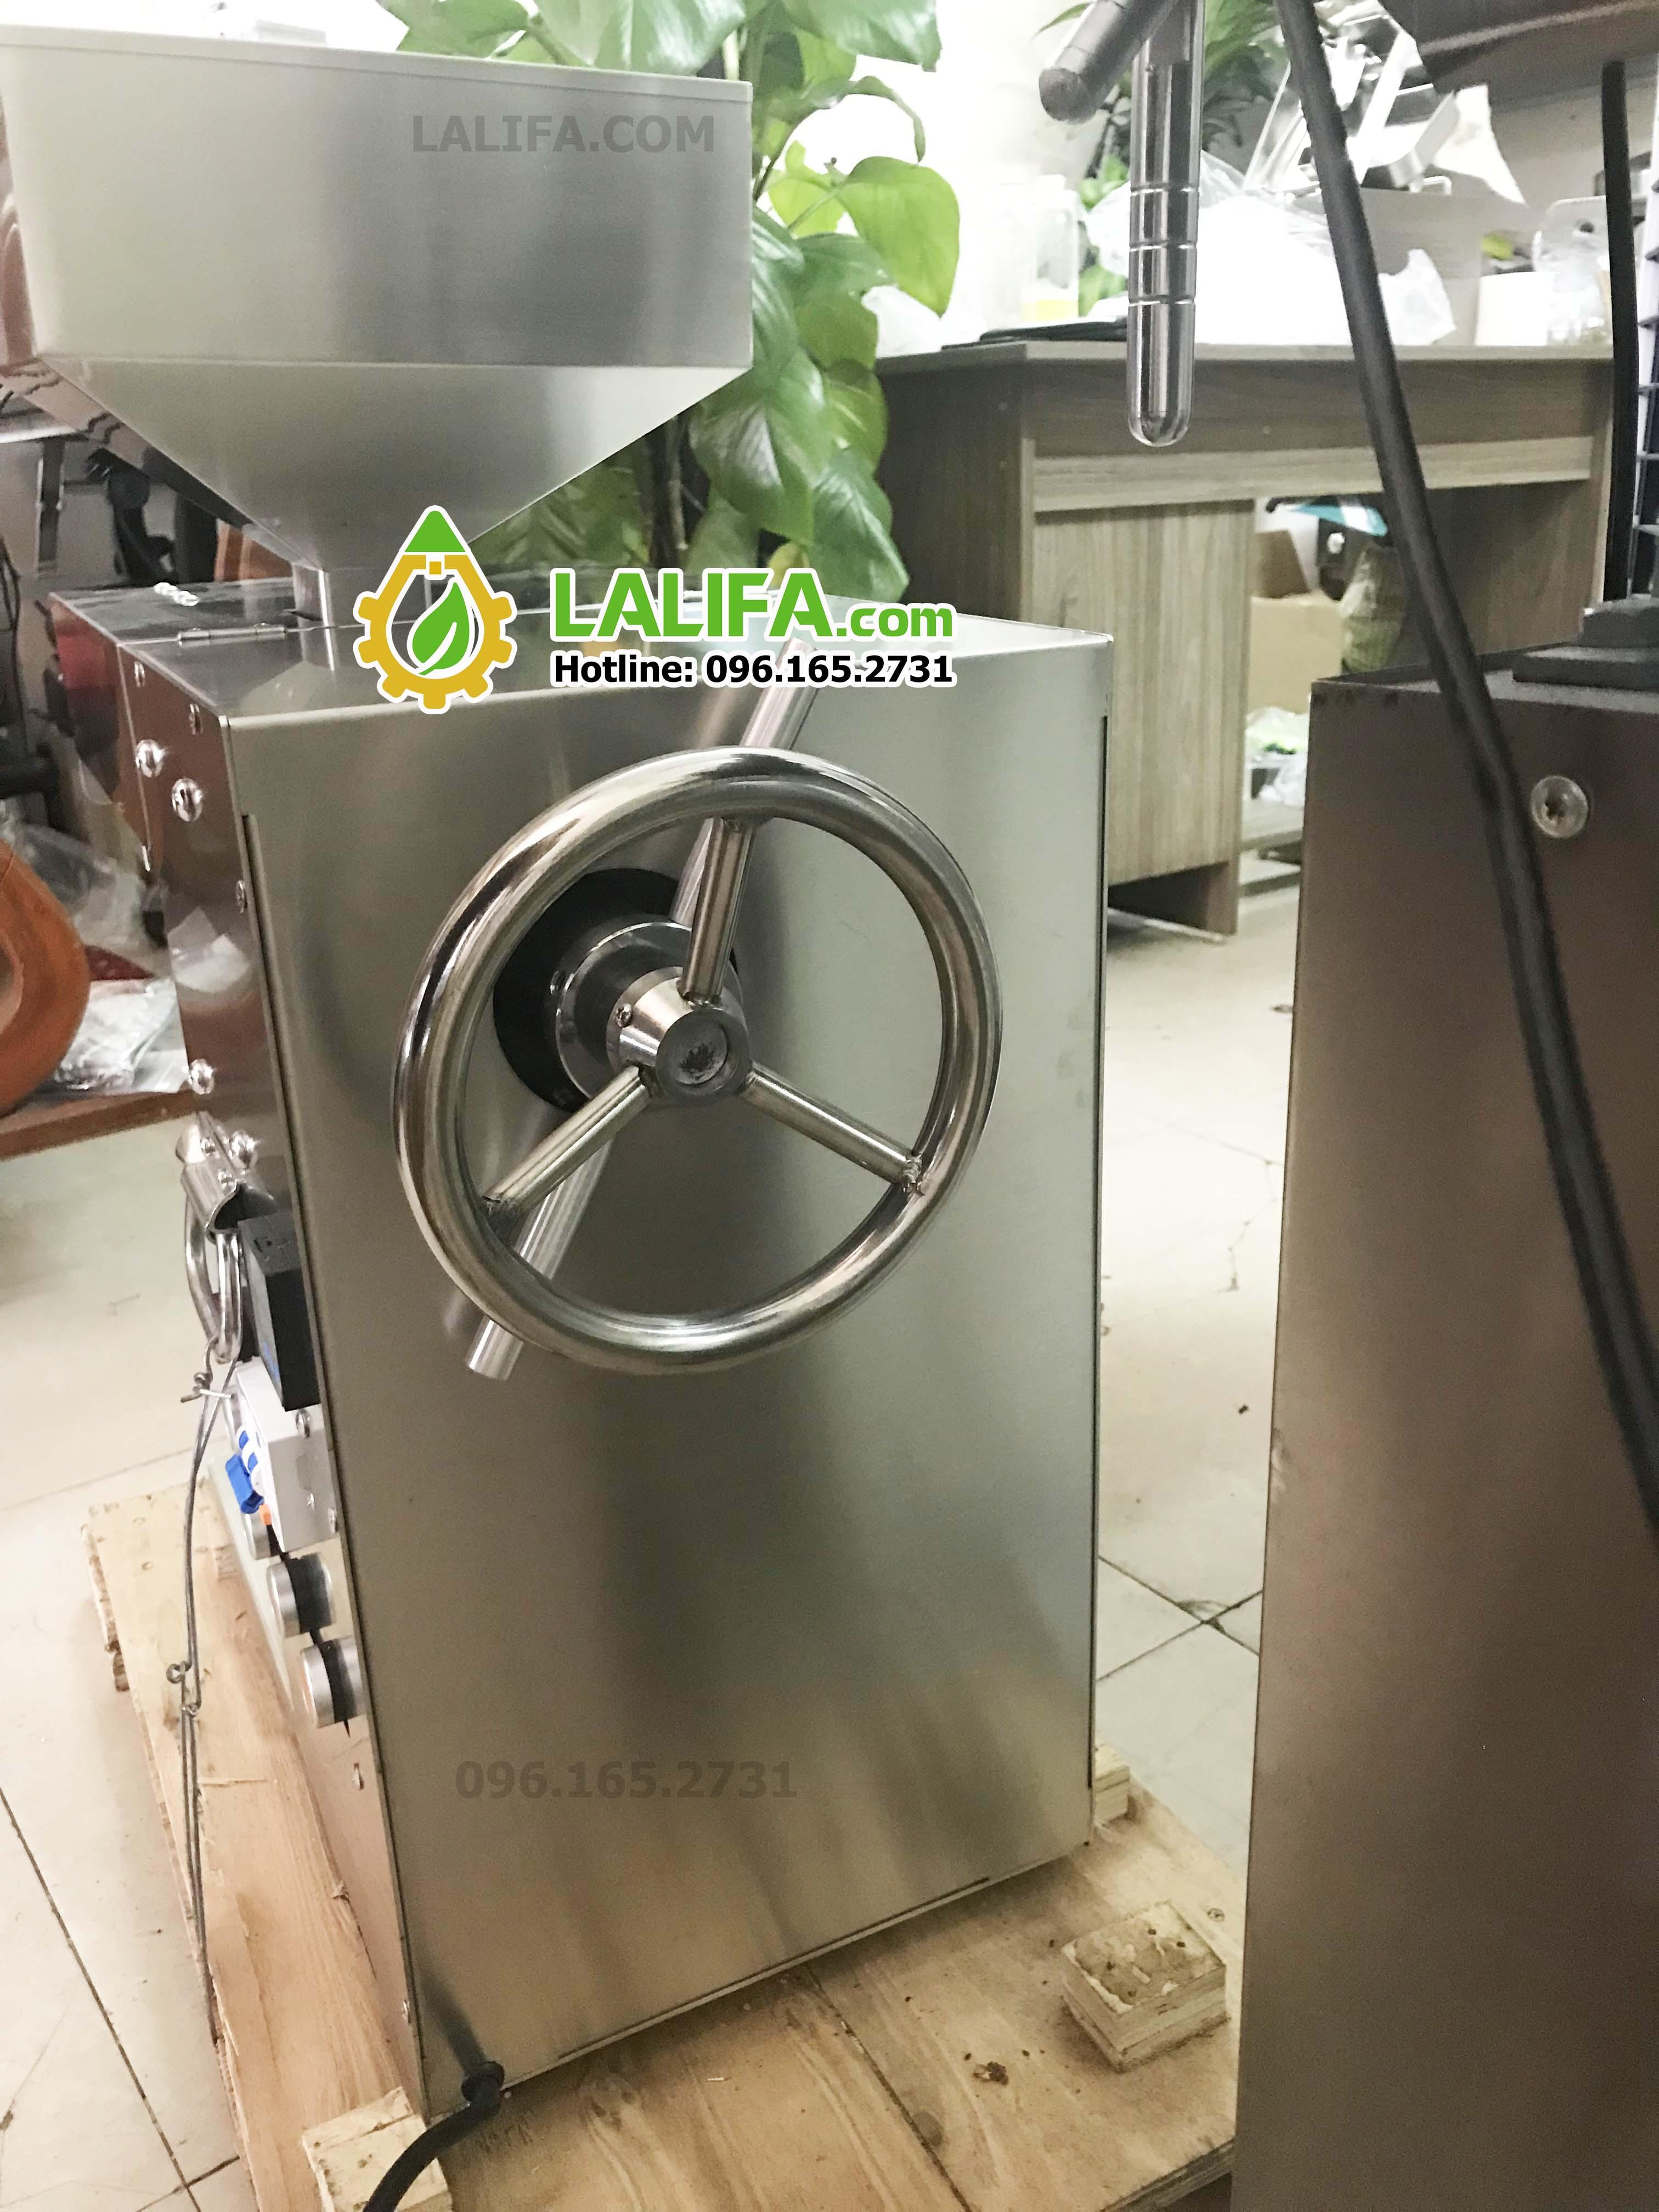 Máy ép dầu Lạc Lalifa21 10-20kg/h - 8